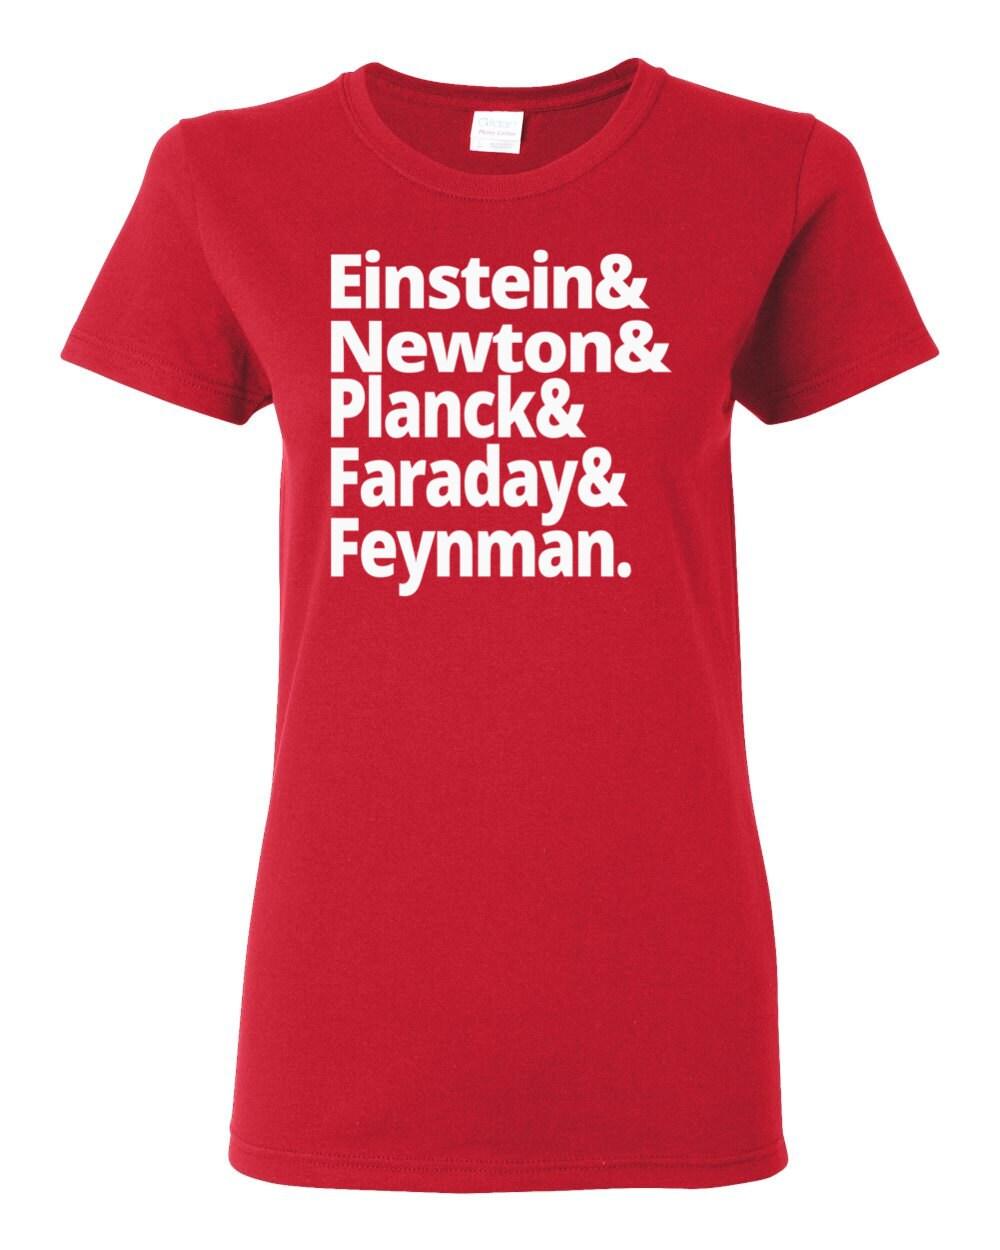 Greatest Physicists in History - Einstein, Newton, Planck, Faraday, Feynman - Womens History T-shirt